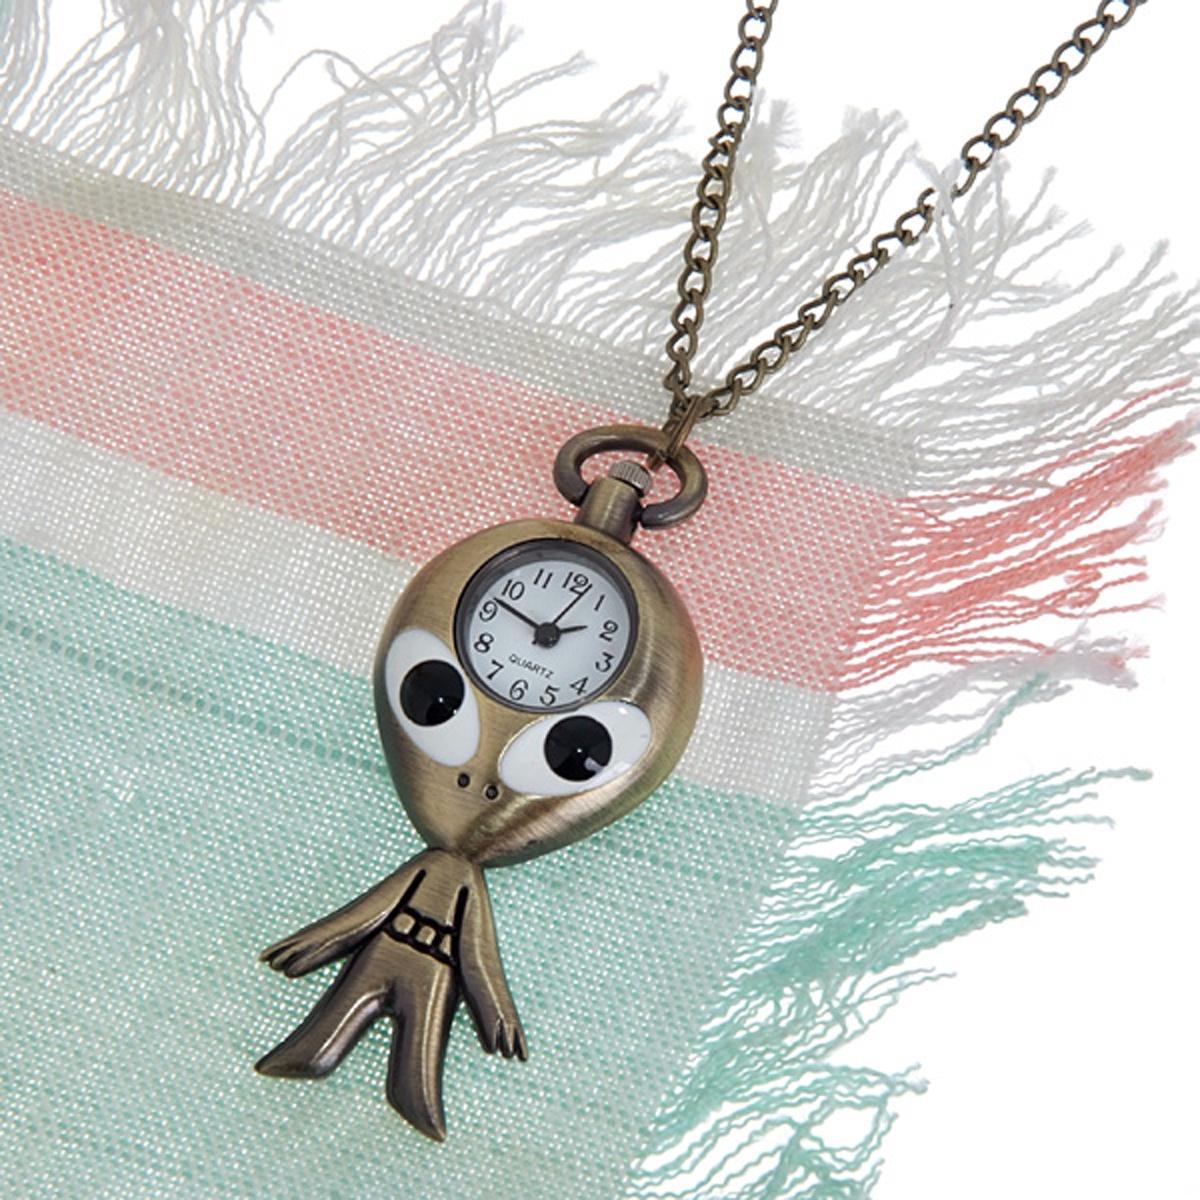 Карманные часы Mitya Veselkov ANTIK012, бронза полые бронзовый античный китайского зодиака тигр чувствительных ожерелье кулон карманные часы